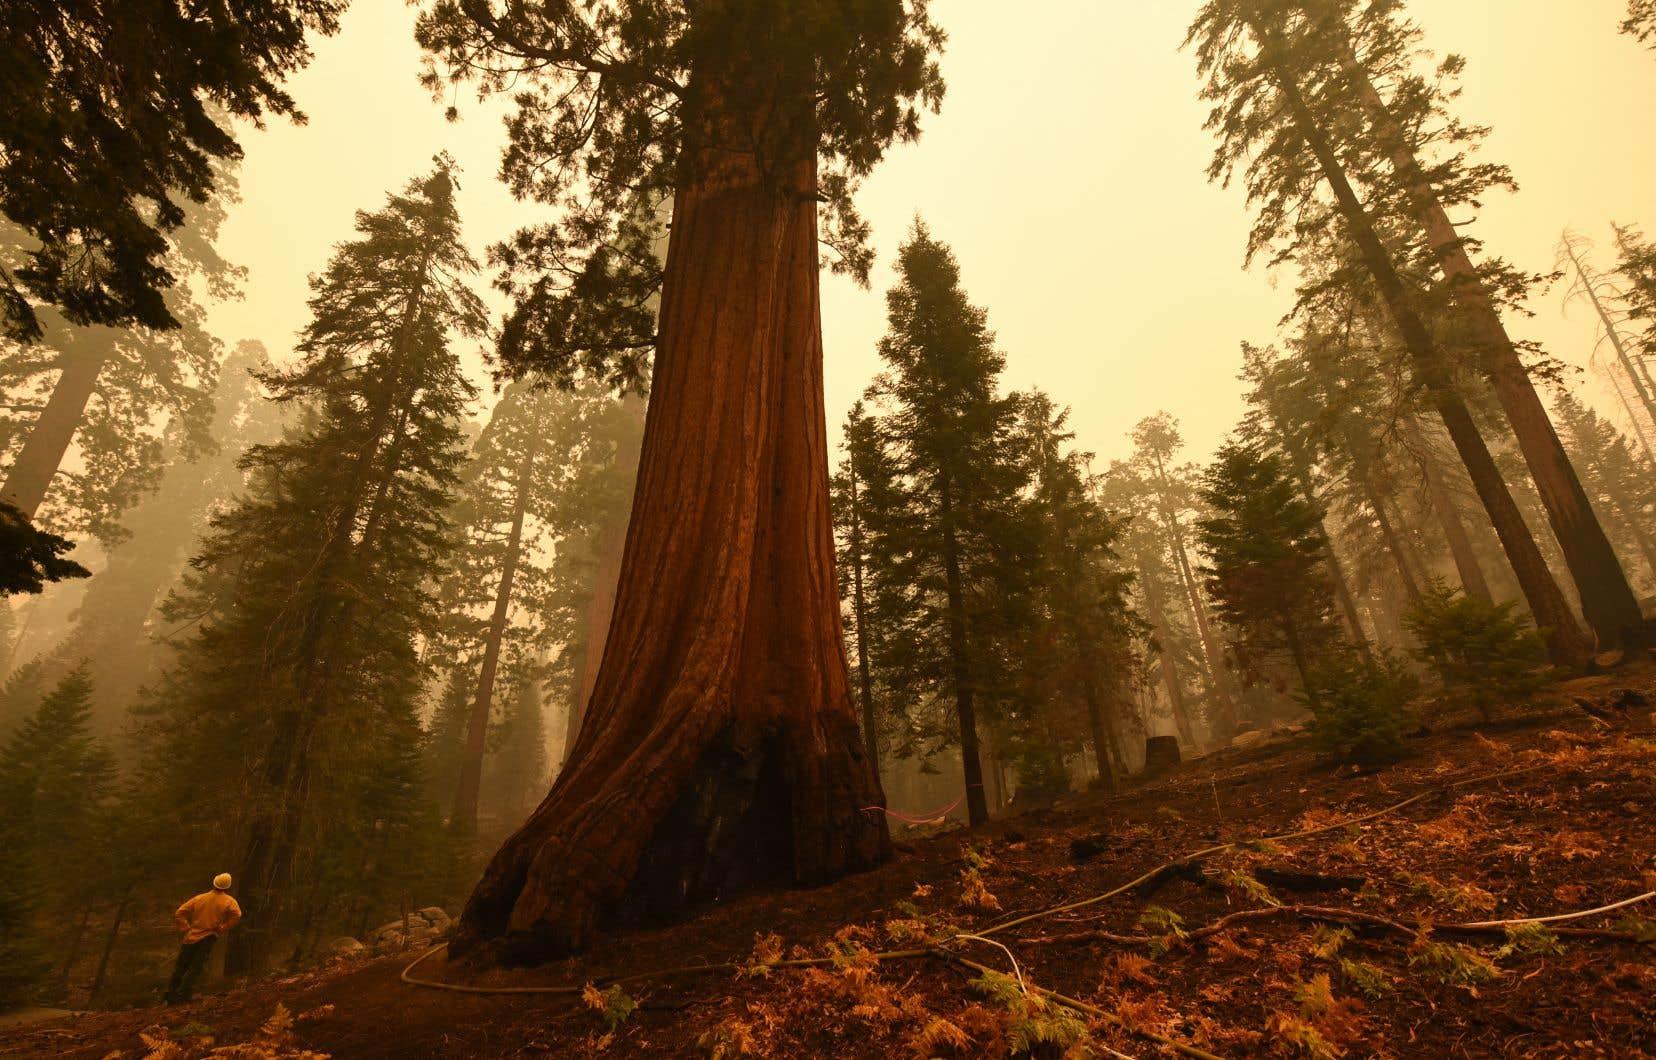 Les séquoias millénaires de Californie ne sont pas adaptés aux feux plus intenses qui ont eu tendance à se déclarer ces dernières années à la faveur du changement climatique.